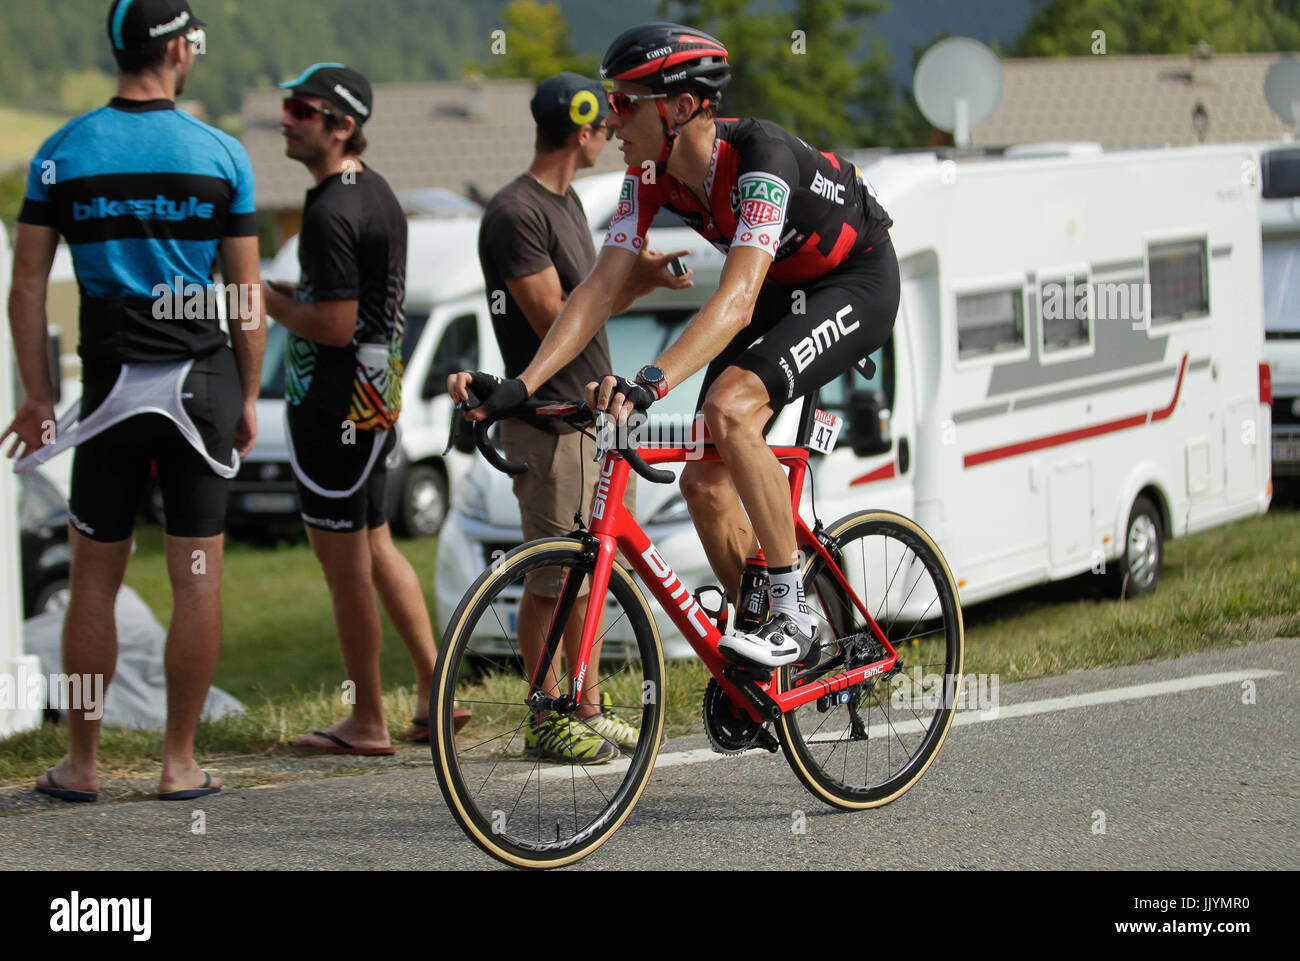 20 Juli 2017 Briançon Frankreich 18 Etappe Der Tour De France